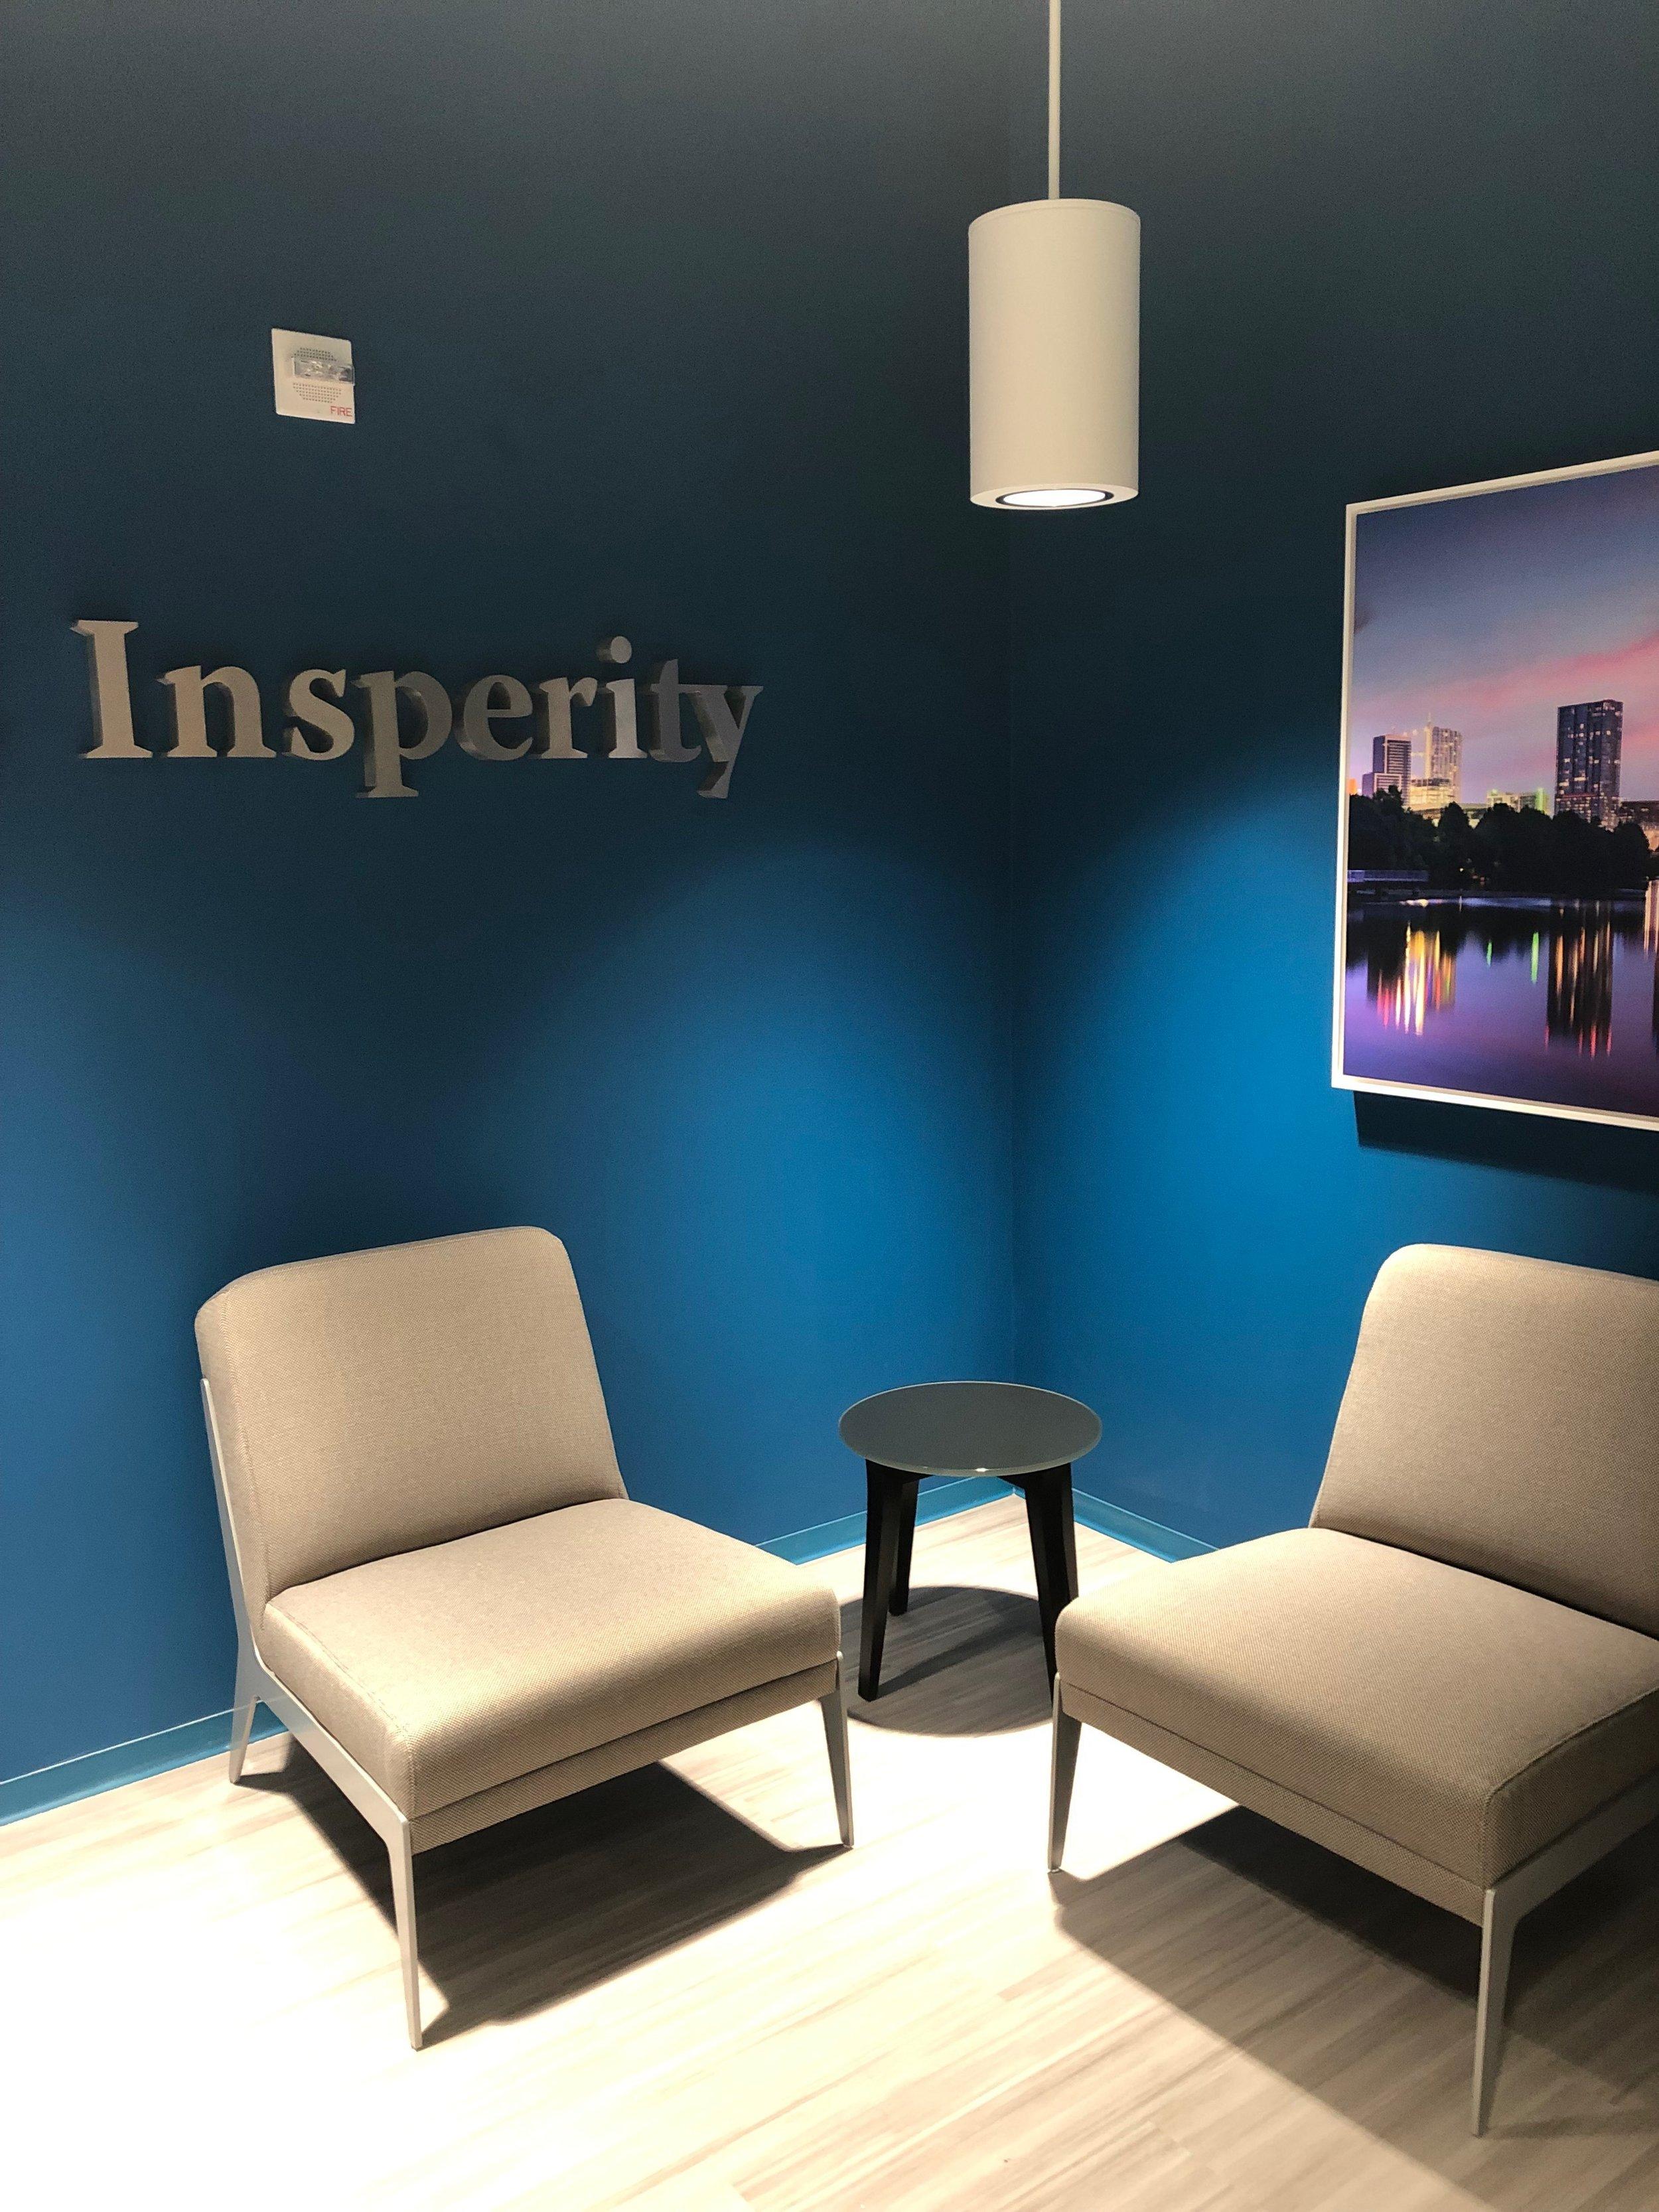 Insperity Office